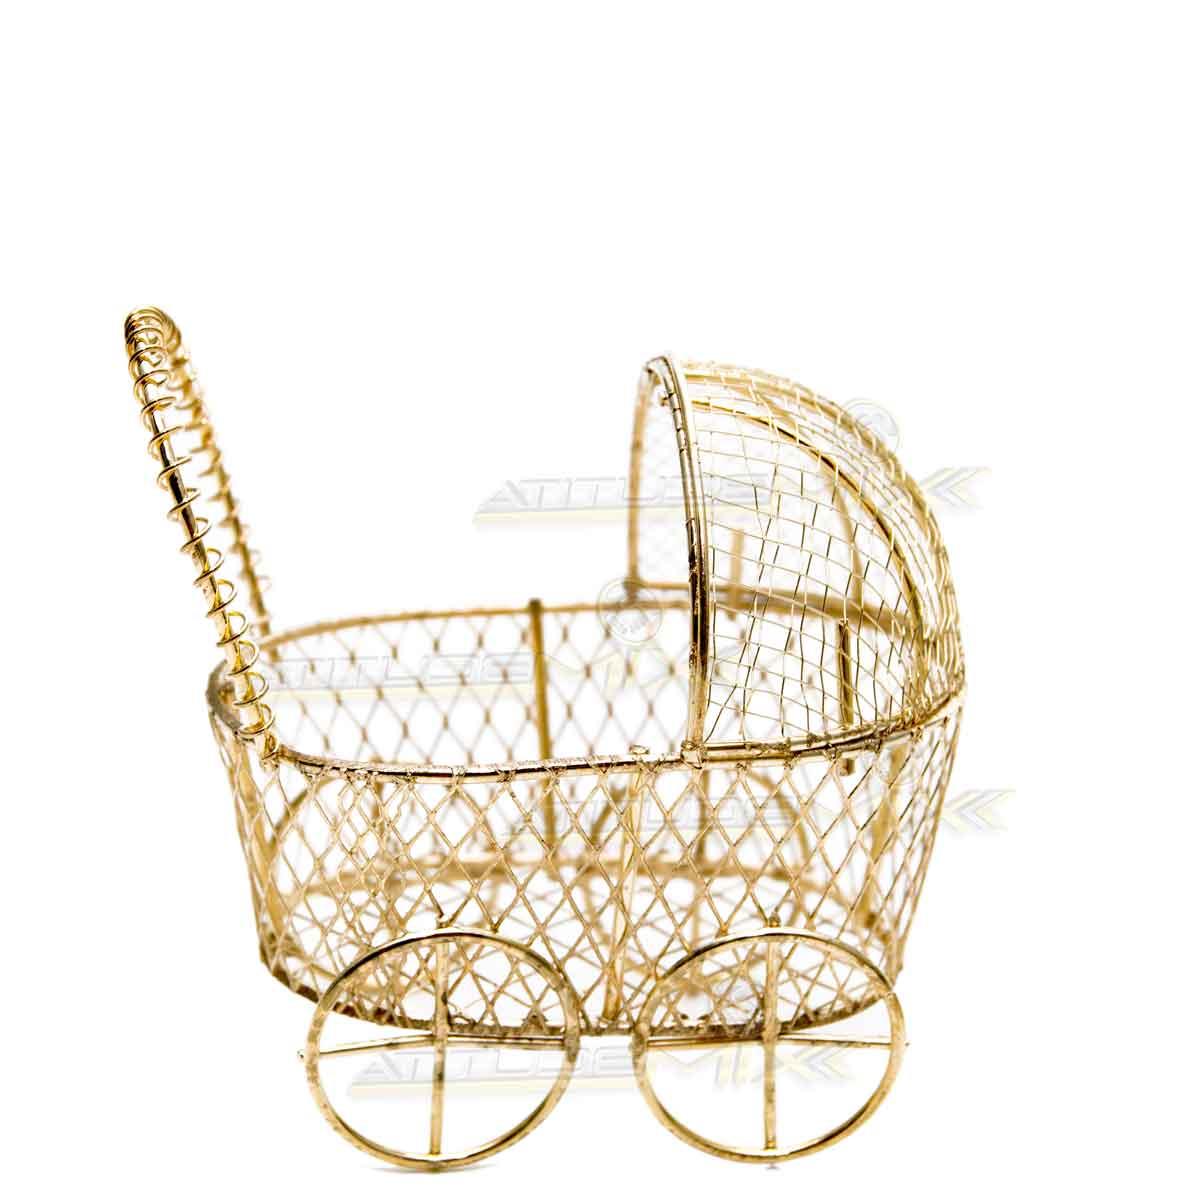 Kit 12 Mini Carrinhos Bebê Aramados Dourados Lembrancinhas